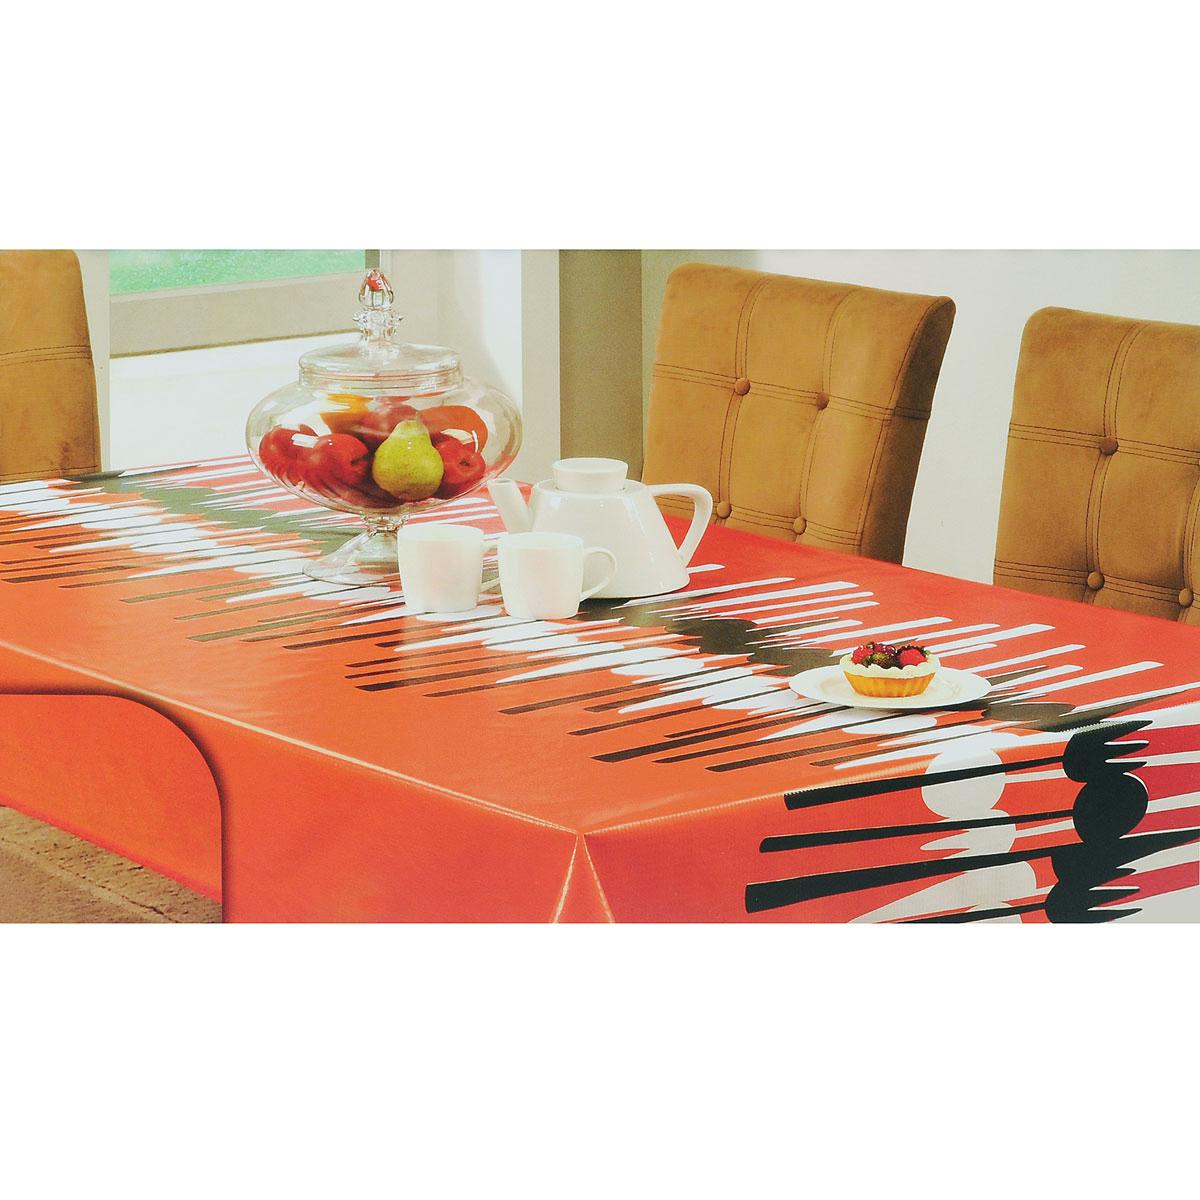 Скатерть White Fox Осень, прямоугольная, цвет: красный, оранжевый, 152x 228 смVT-1520(SR)Прямоугольная скатерть White Fox Осень, выполненная из ПВХ с основой из флиса, предназначена для защиты стола от царапин, пятен и крошек. Край скатерти обработан тканью. Скатерть оформлена изображением столовых приборов, а рифлёная поверхность скатерти формирует приятные тактильные ощущения, при этом частички пищи удаляются с легкостью и поверхность остается всегда чистой. Скатерть термостойкая выдерживает температуру до +70 °C.Скатерть White Fox проста в уходе - её можно протирать любыми моющими средствами при необходимости.Скатерть упакована в виниловый пакет с внутренним цветным вкладышем и подвесом в виде крючка.